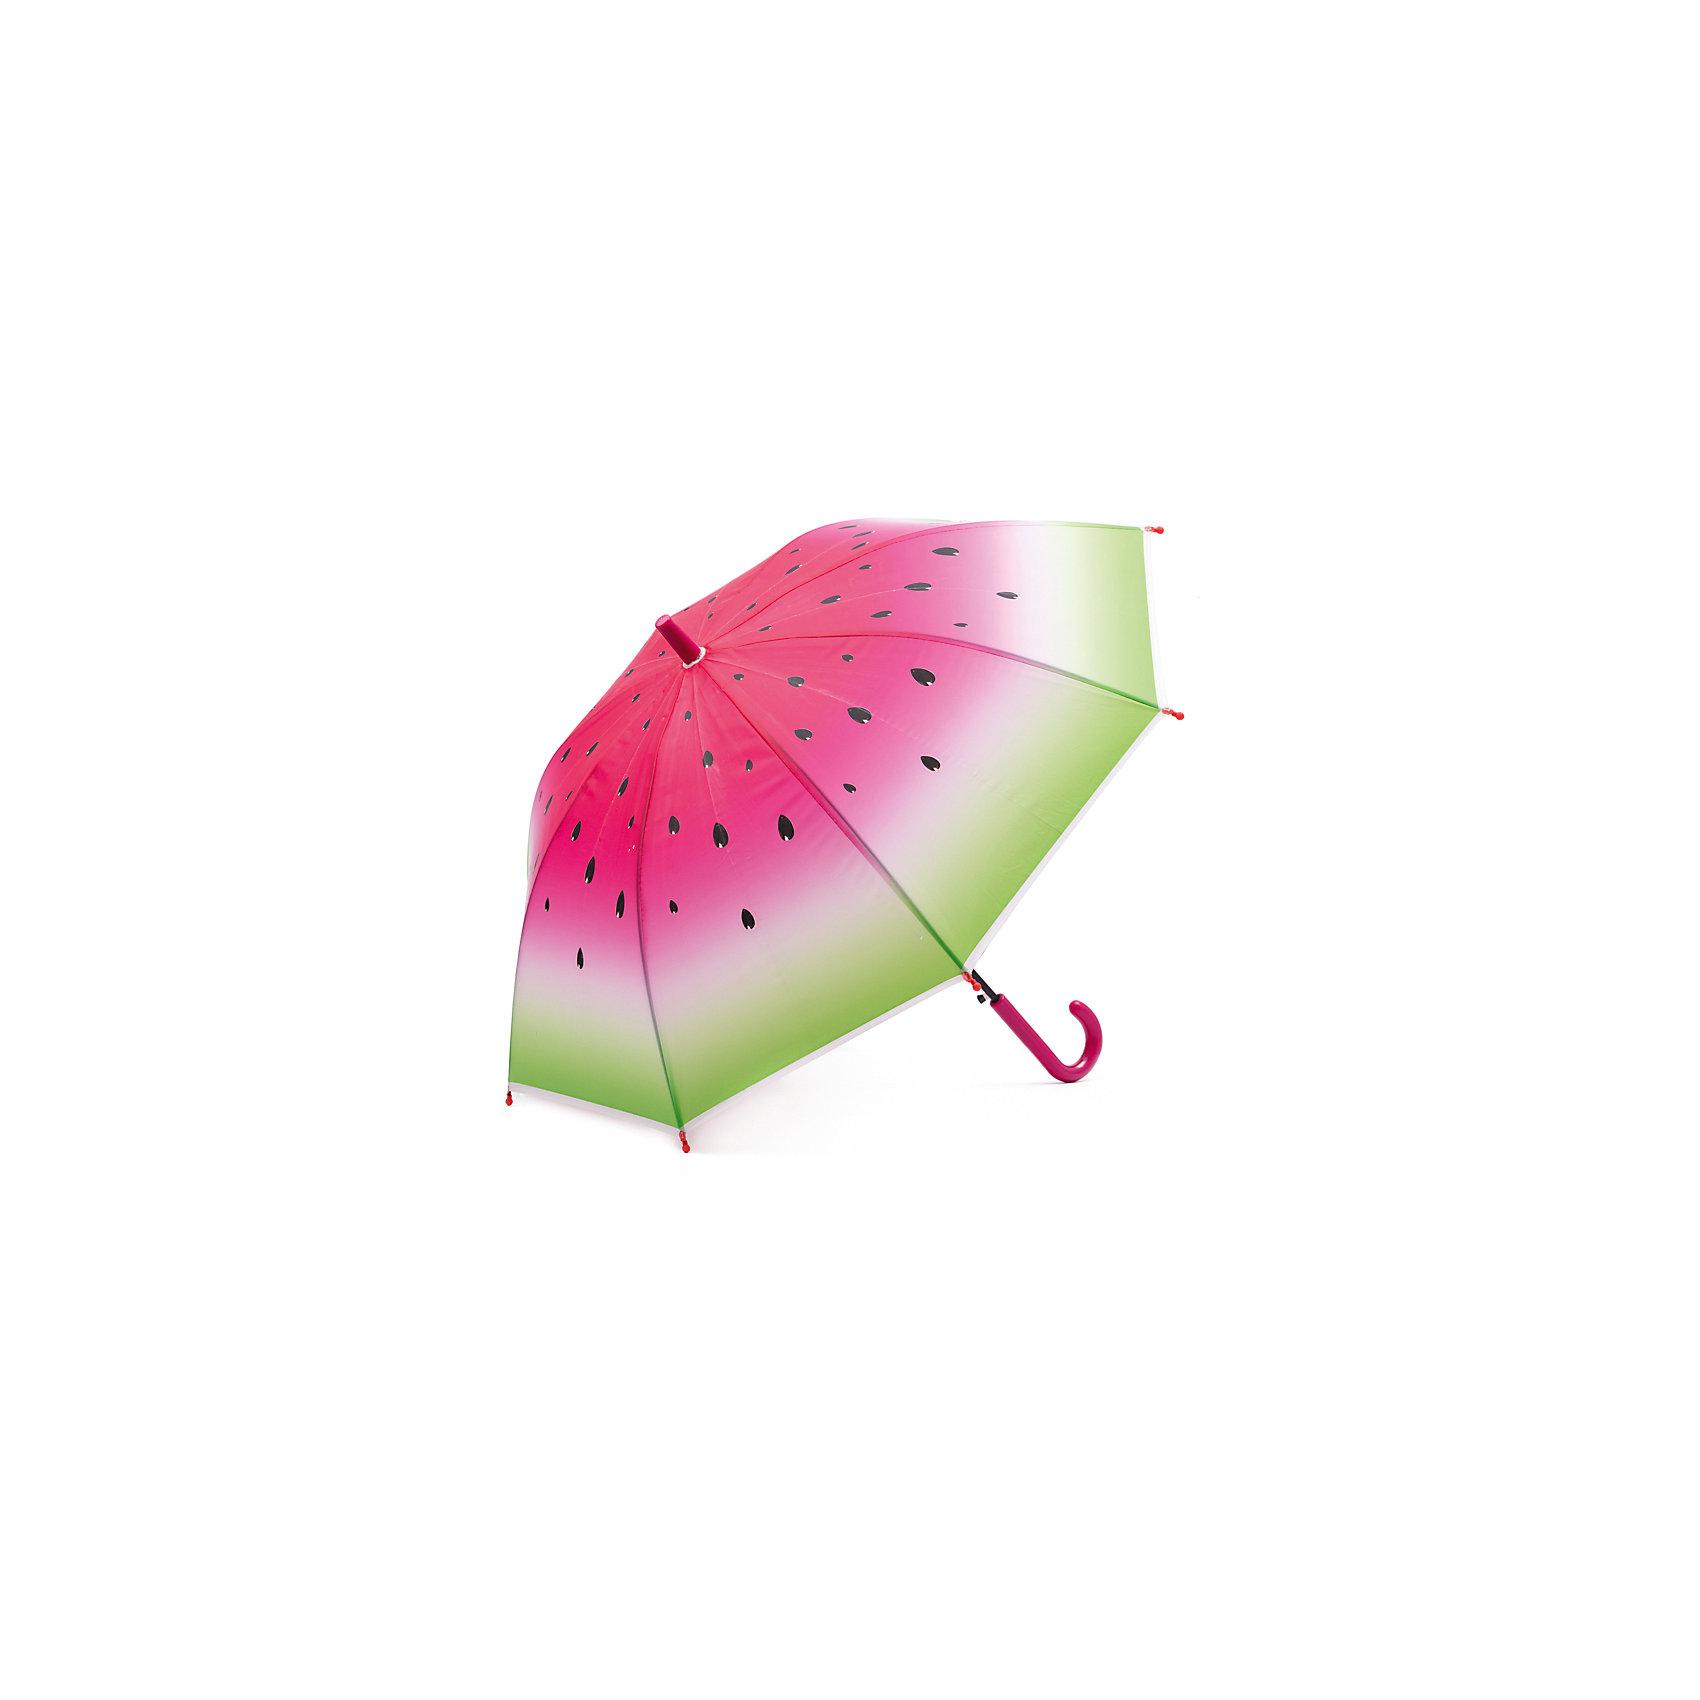 Зонт для девочки PlayTodayАксессуары<br>Характеристики товара:<br><br>• цвет: разноцветный<br>• состав: каркас - 100% сталь; купол - 100% полиэстер; ручка - 100% АБС пластик<br>• удобная ручка<br>• прочный ветроустойчивый каркас<br>• удобный механизм<br>• качественный материал<br>• небольшой размер<br>• стильный дизайн<br>• легкий<br>• концы спиц снабжены пластмассовыми наконечниками для защиты от травм<br>• коллекция: весна-лето 2017<br>• страна бренда: Германия<br>• страна производства: Китай<br><br>Популярный бренд PlayToday выпустил новую коллекцию! Вещи из неё продолжают радовать покупателей удобством, стильным дизайном и продуманным кроем. Дети носят их с удовольствием. PlayToday - это линейка товаров, созданная специально для детей. Дизайнеры учитывают новые веяния моды и потребности детей. Порадуйте ребенка обновкой от проверенного производителя!<br>Такой зонт обеспечит ребенку надежную защиту от дождя благодаря качественному материалу и прочной конструкции. Он удобно складывается. Смотрится очень стильно!<br><br>Зонт для девочки от известного бренда PlayToday можно купить в нашем интернет-магазине.<br><br>Ширина мм: 170<br>Глубина мм: 157<br>Высота мм: 67<br>Вес г: 117<br>Цвет: белый<br>Возраст от месяцев: 60<br>Возраст до месяцев: 144<br>Пол: Женский<br>Возраст: Детский<br>Размер: one size<br>SKU: 5404746